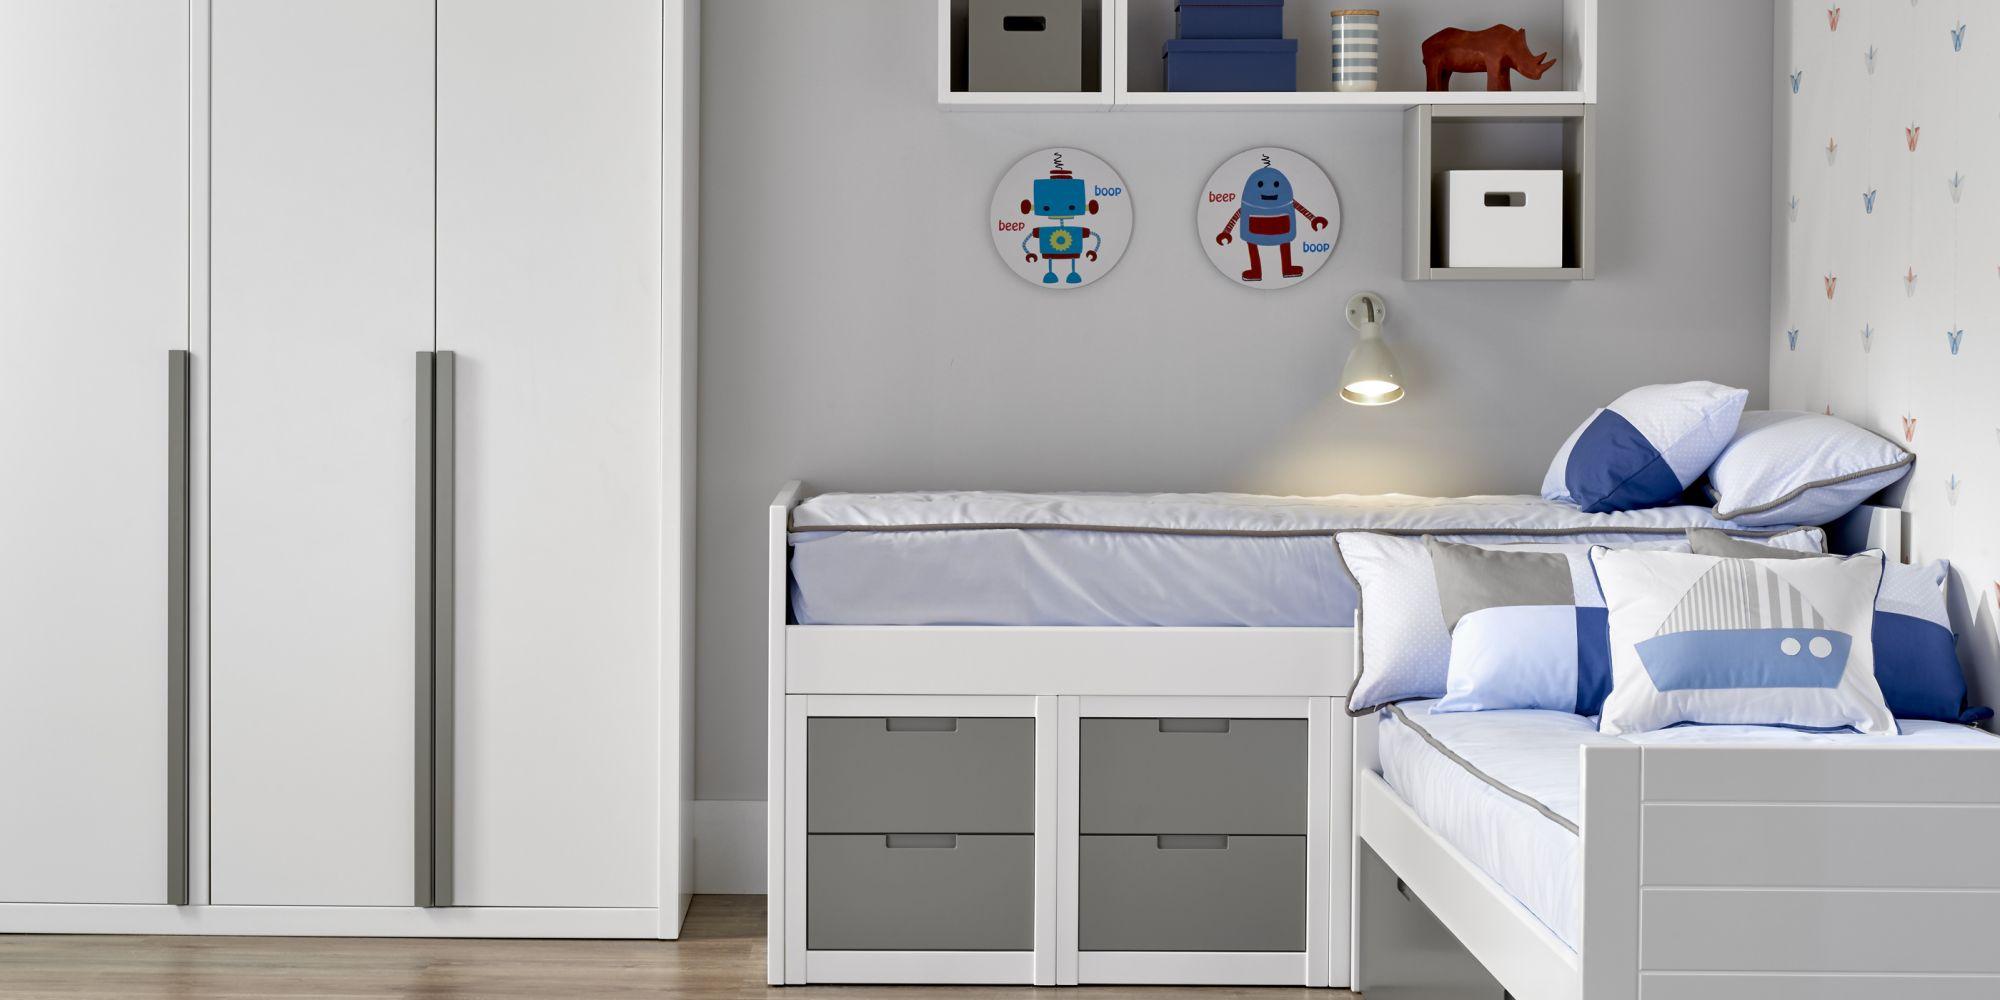 Bloque bajo y armario ideal para habitación infantil | Mueble Infantil